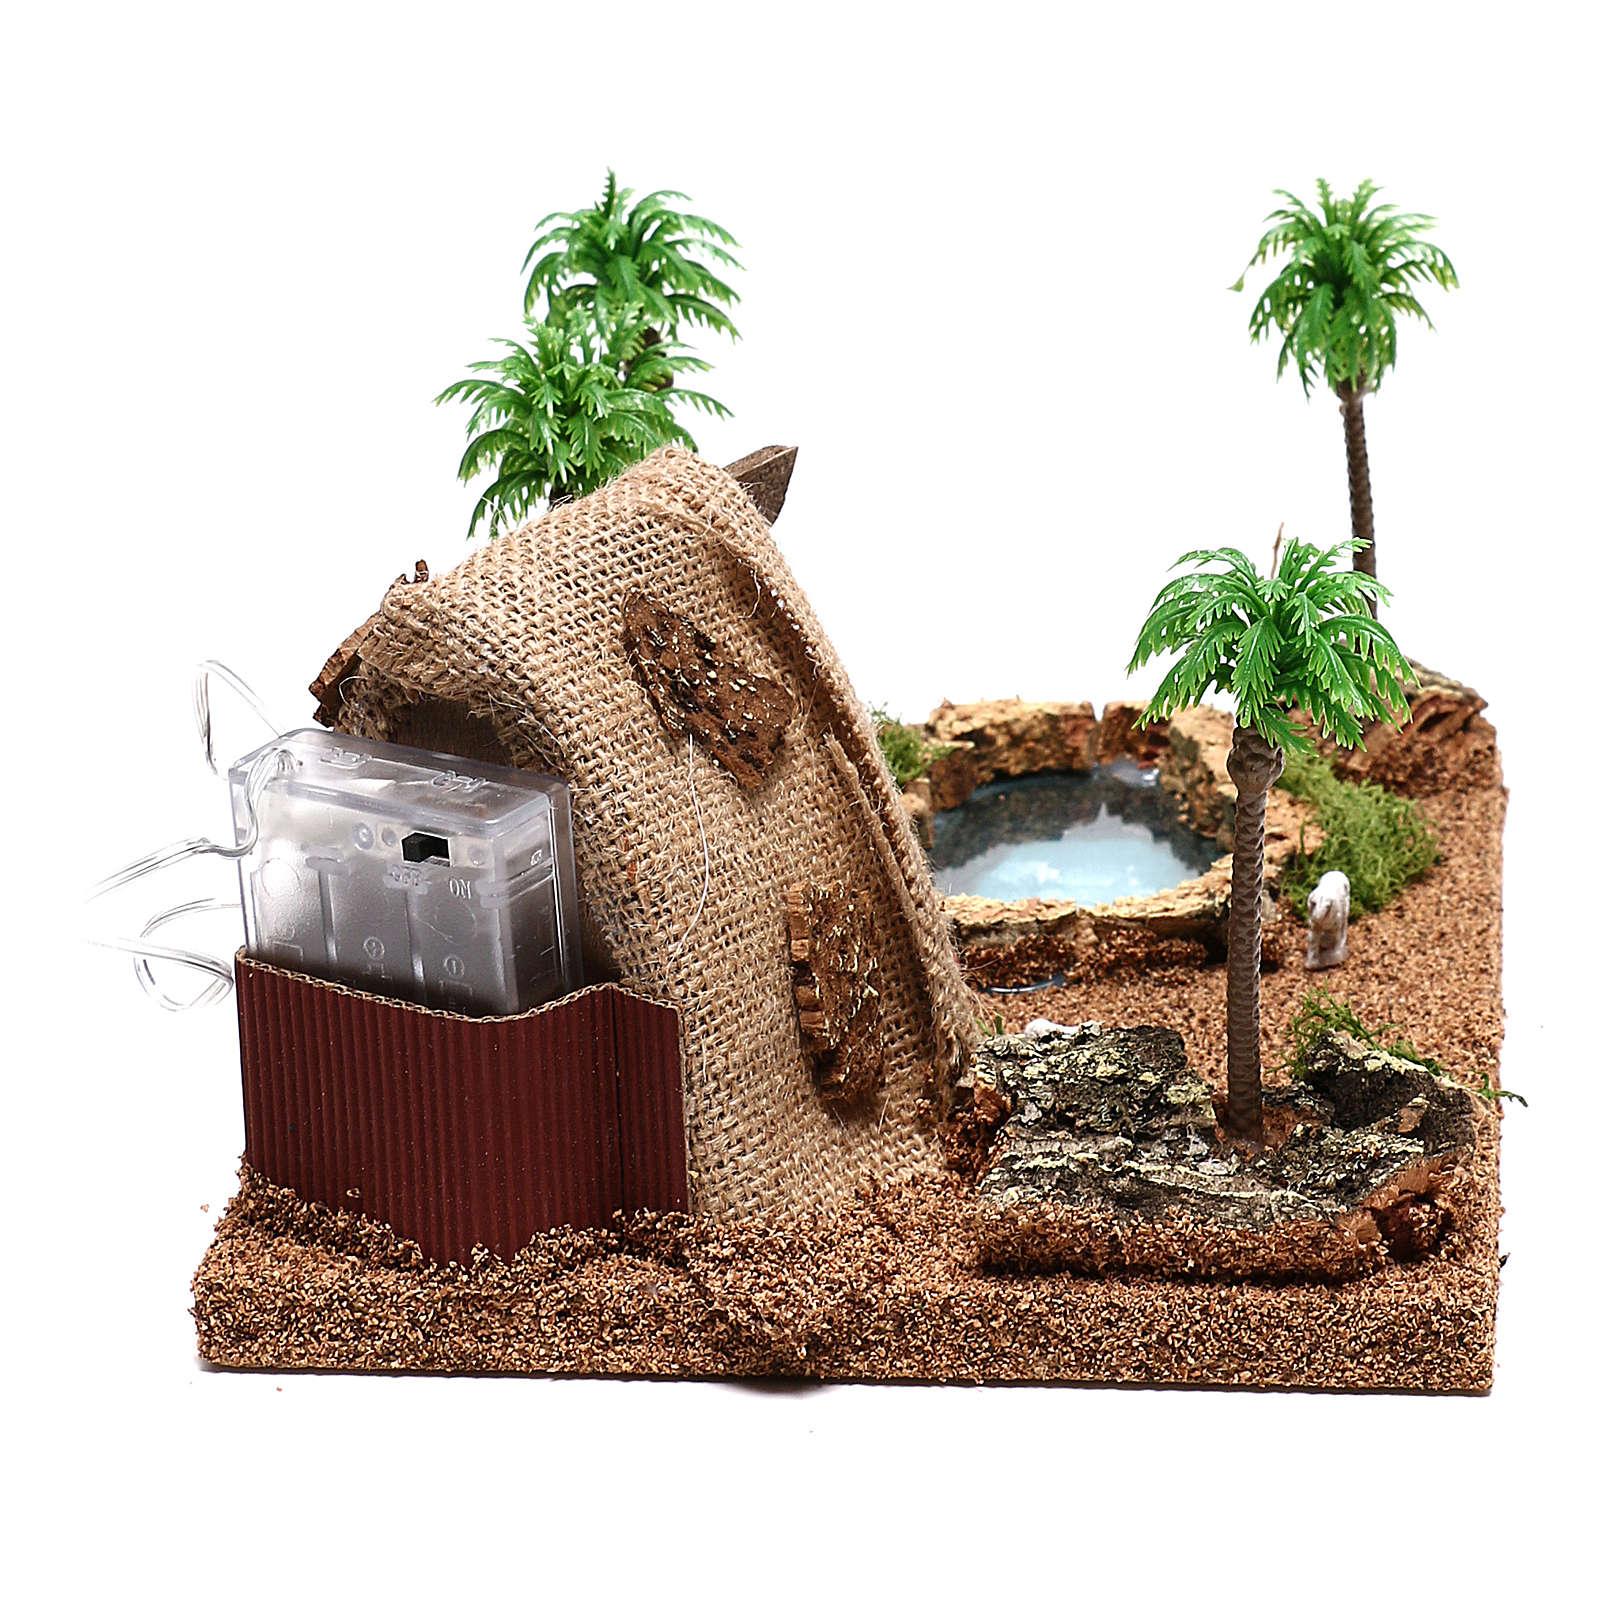 Décor avec nativité et grotte illuminé 10x25x20 cm crèche 4 cm 4